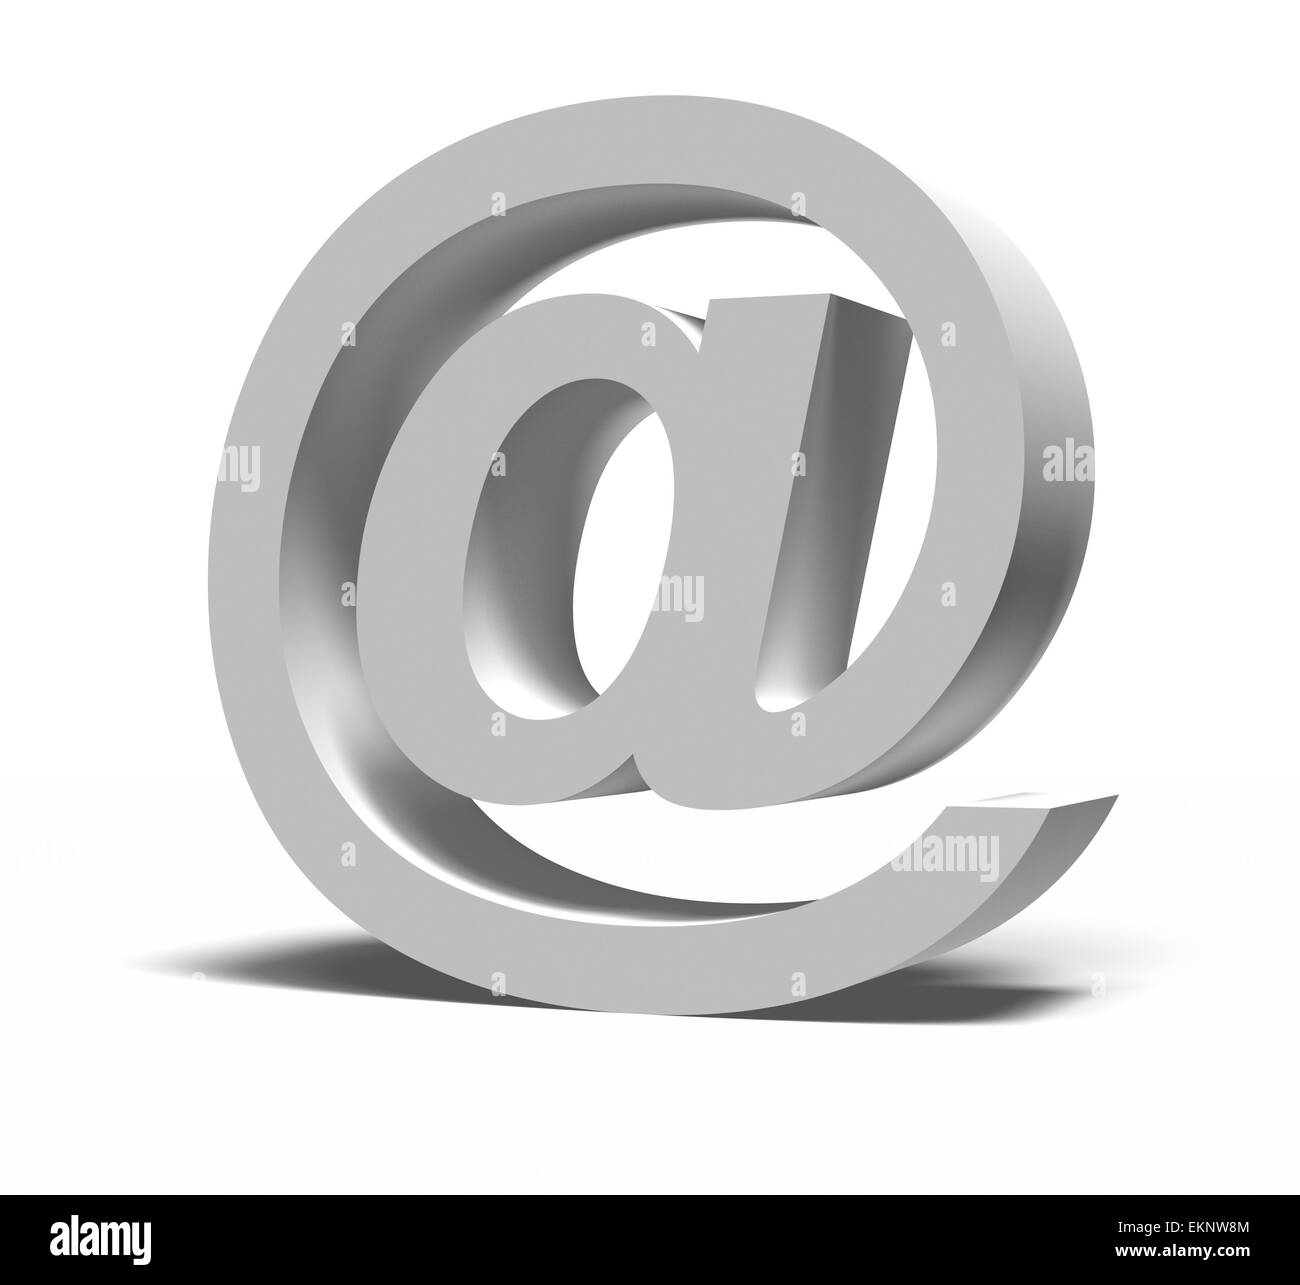 symbole de l'e-mail Photo Stock